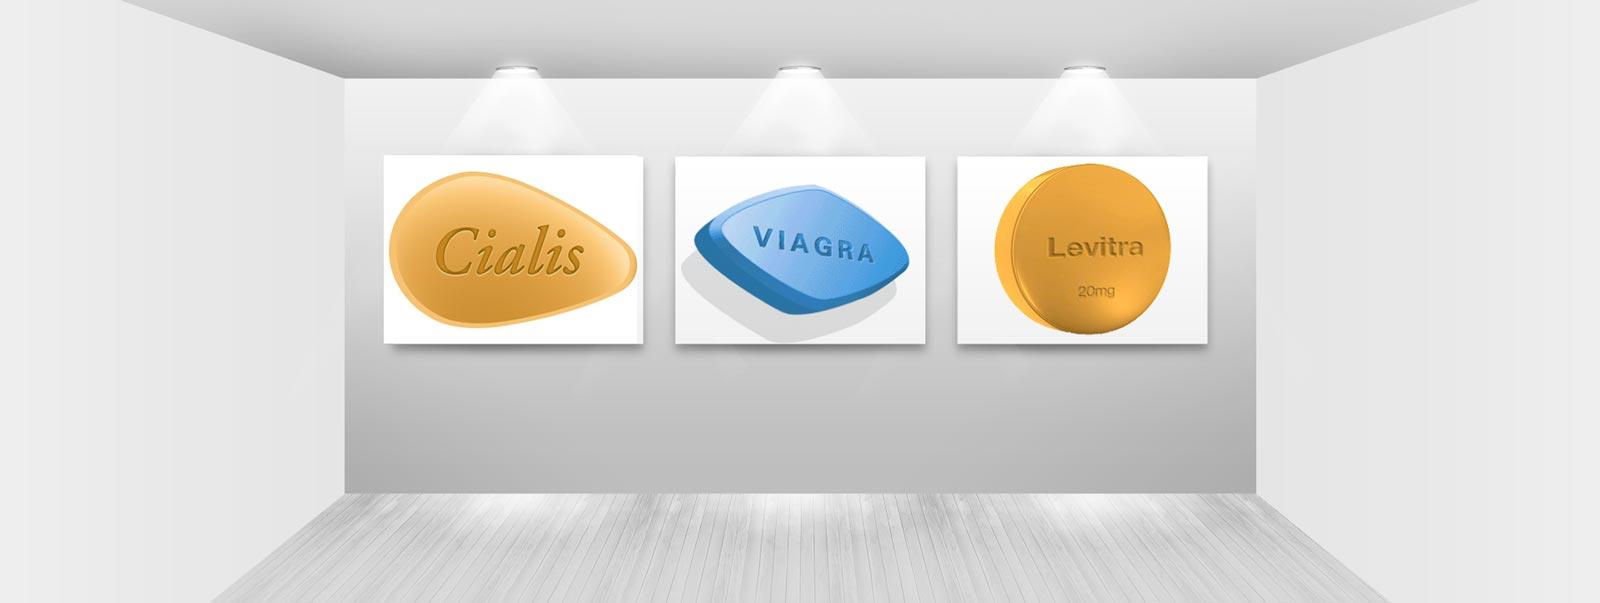 pillola per la pressione puo avere effetti sulla erezione